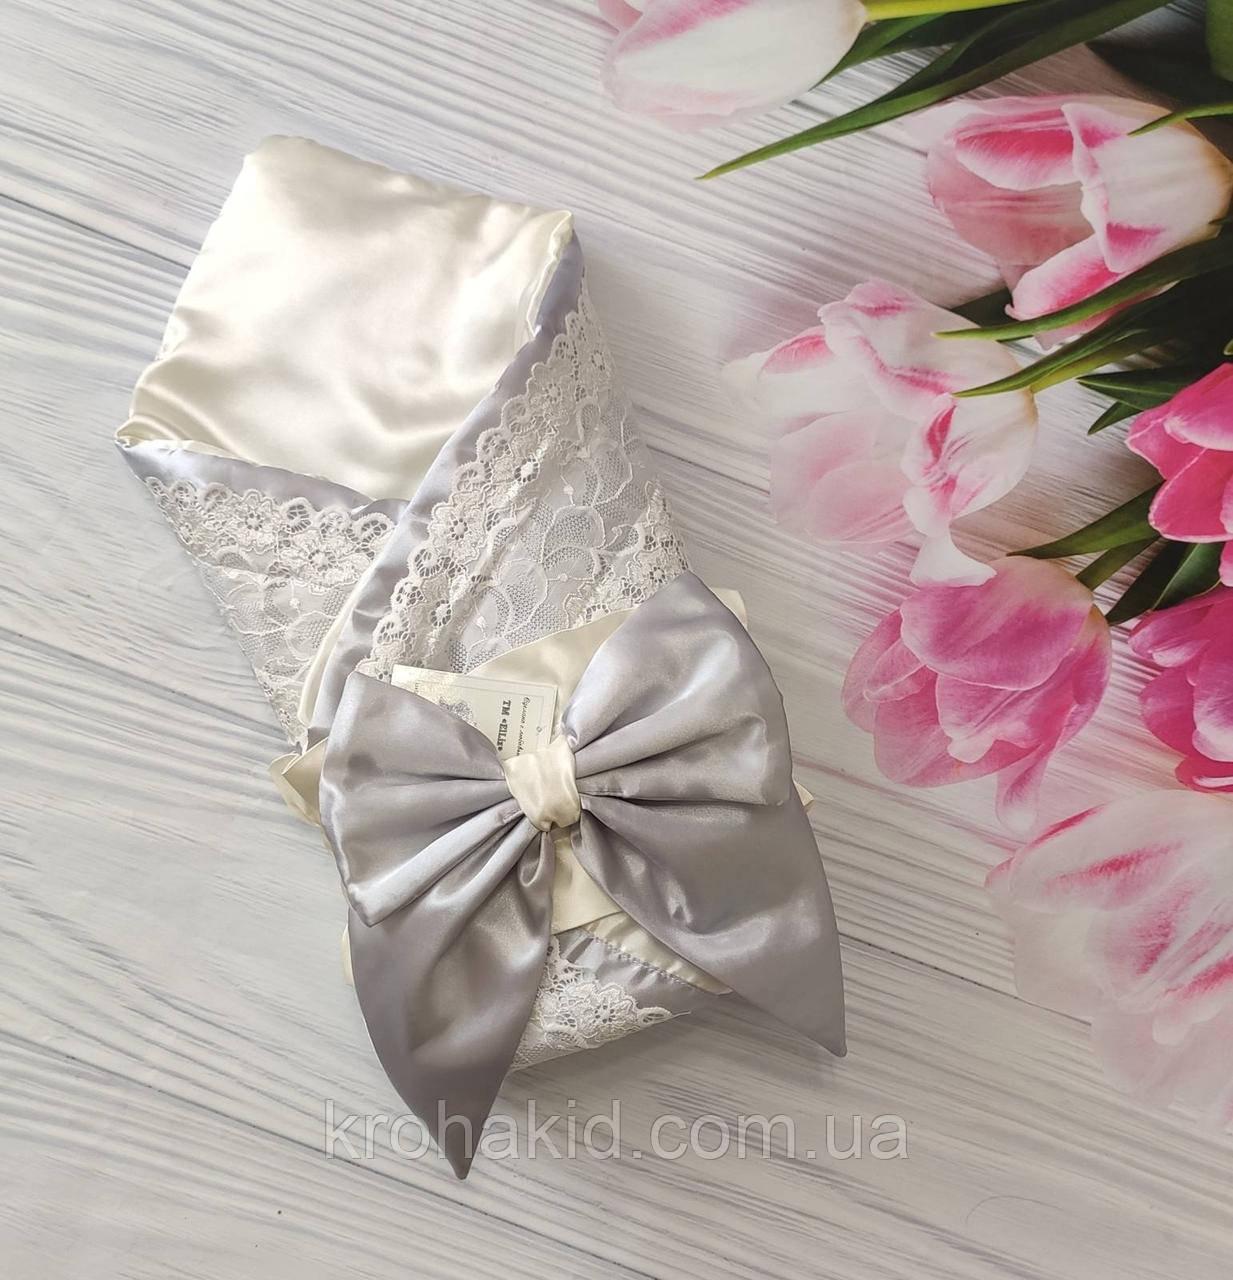 Детский демисезонный конверт на выписку, конверт-одеяло (ВЕСНА/ ЛЕТО), конверт-плед для новорожденного